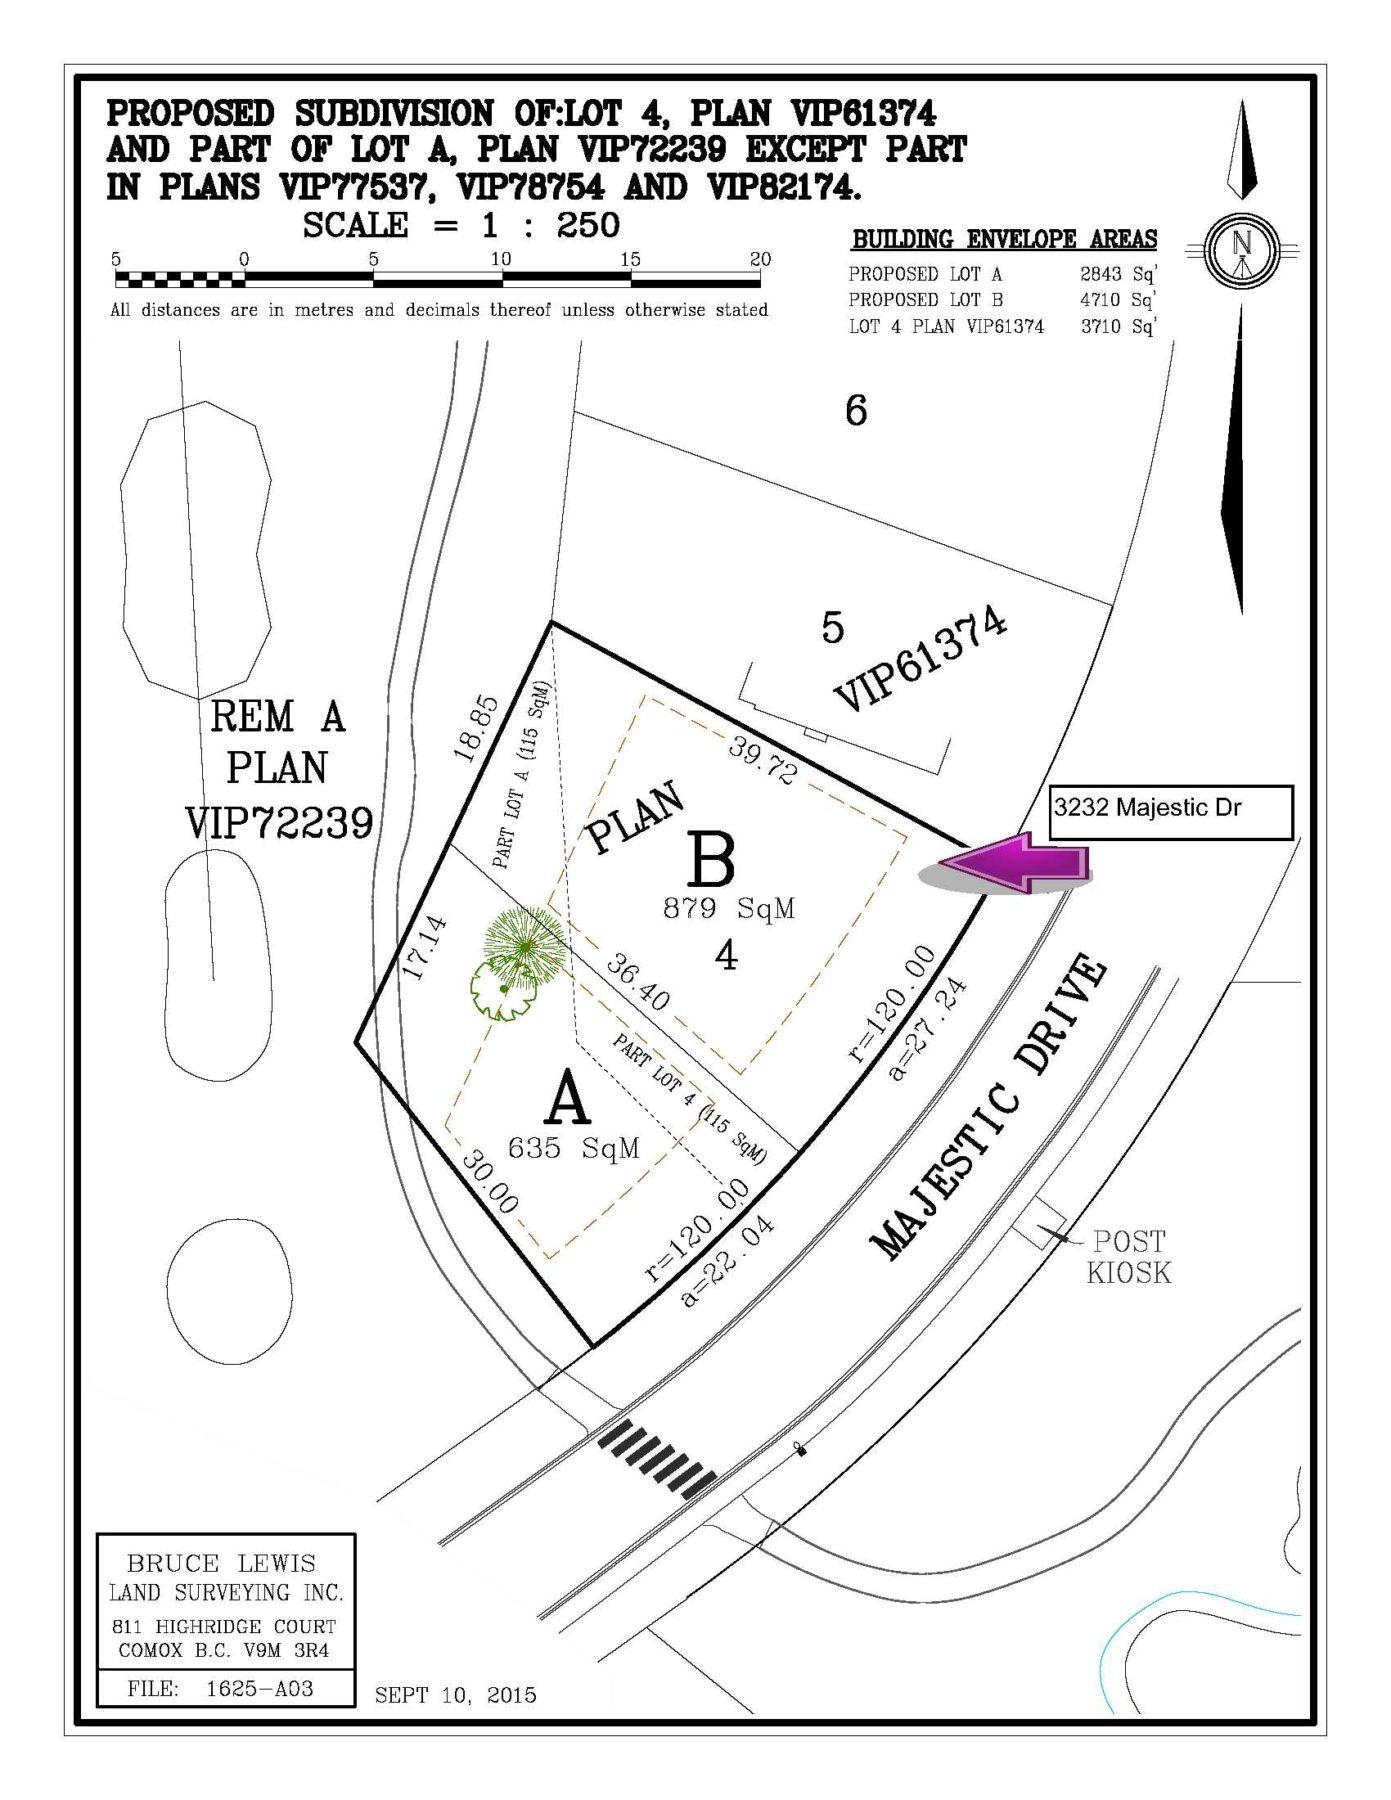 Proposed Subdivision Plot Plan